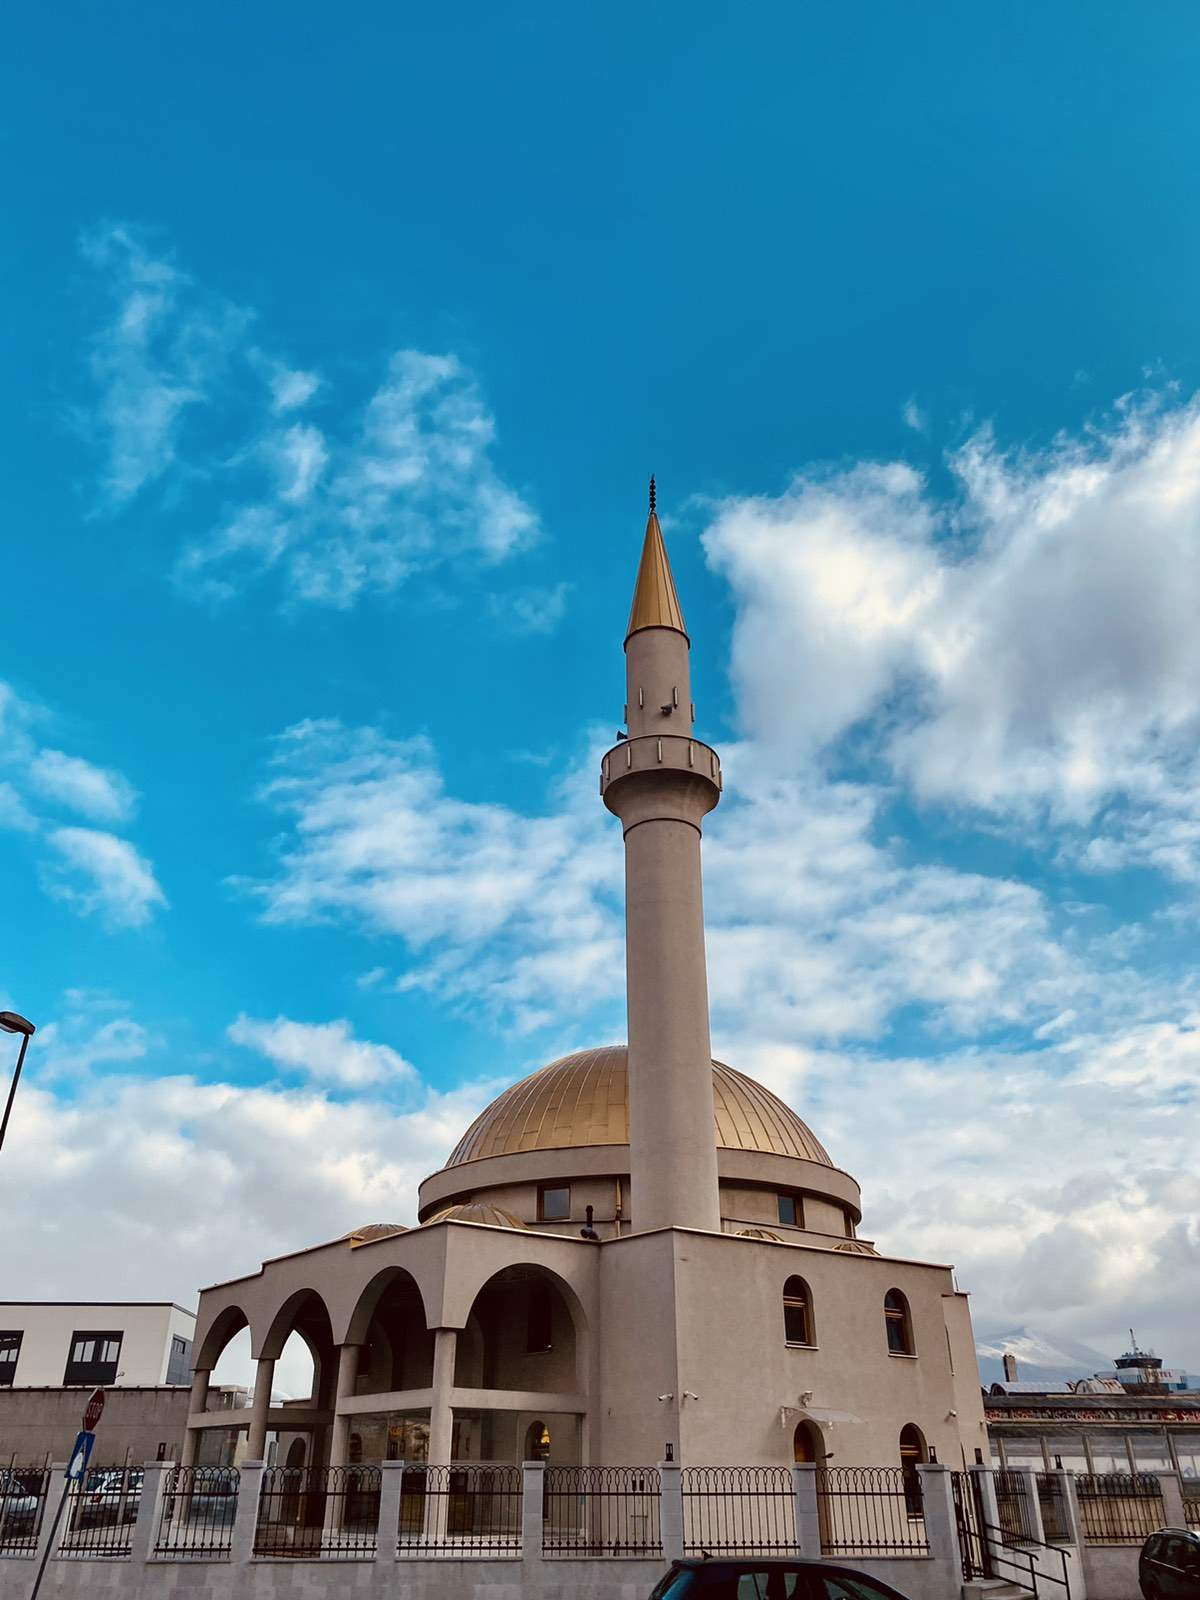 Džamija.jpg - Džamija kao centar znanja: Akcija prikupljanja knjiga u džematu Bačićko Polje Stup